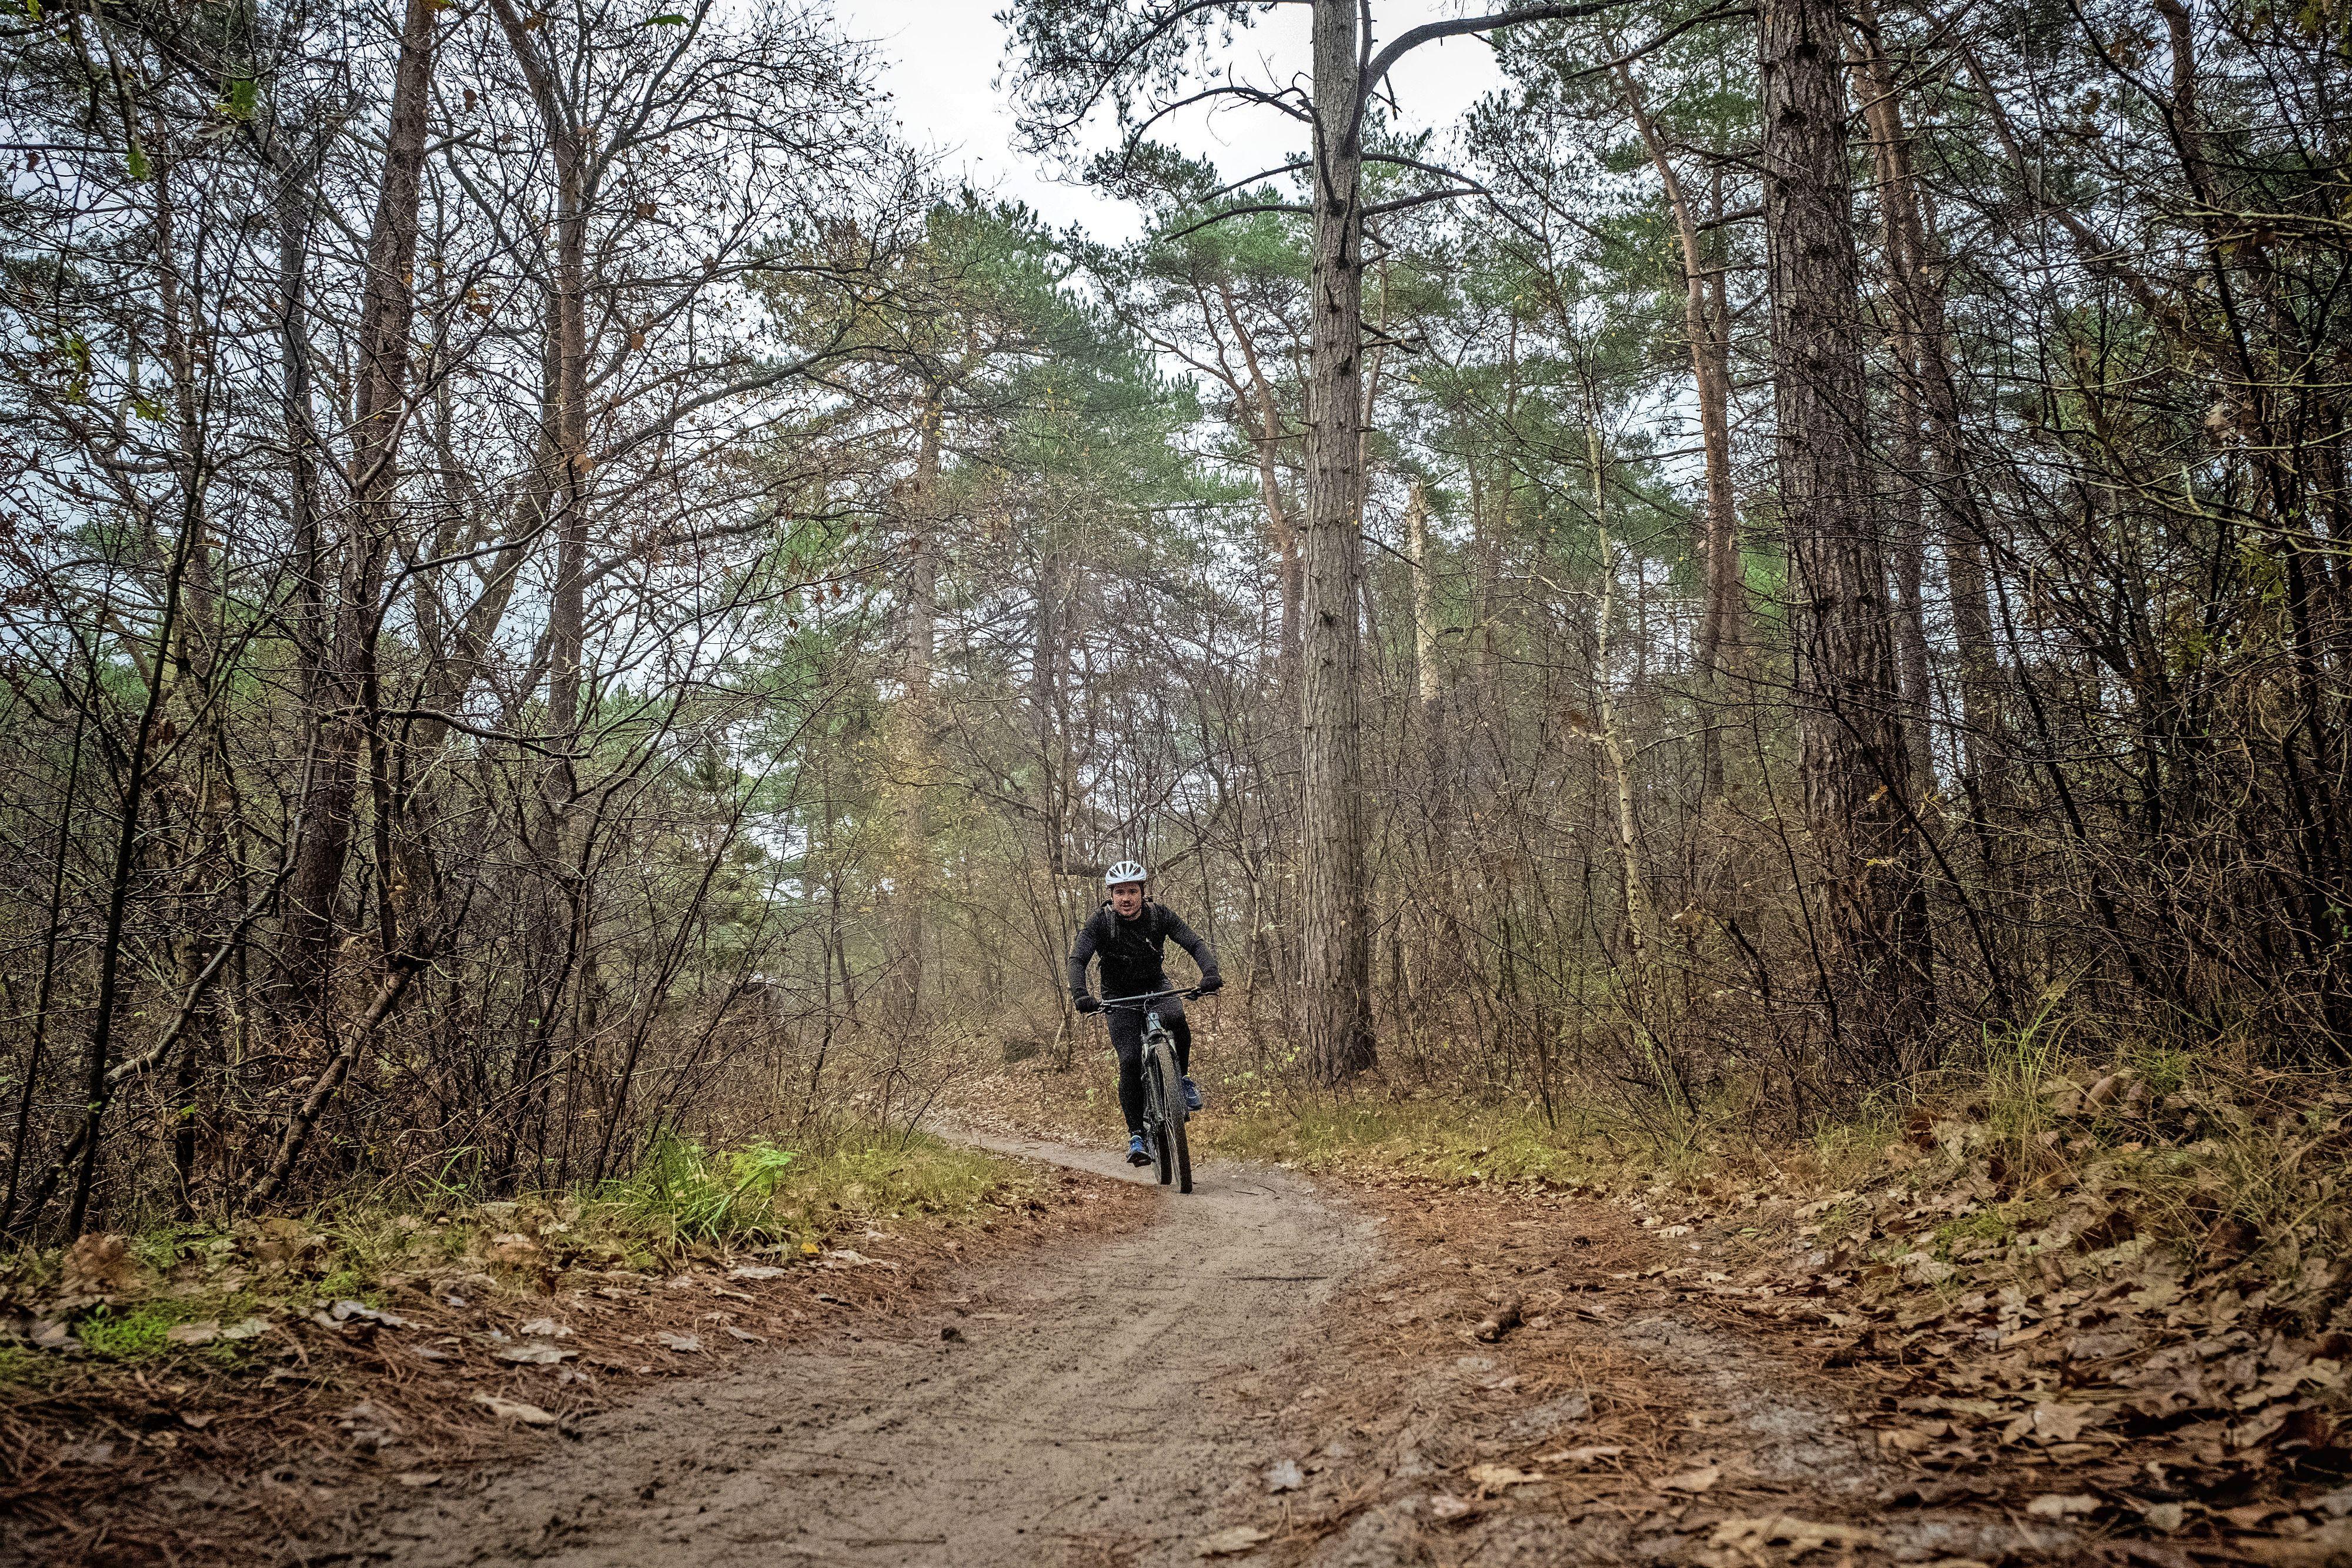 Mountainbikeparkoers van Schoorl populairste route van Nederland in 2020, volgens Strava